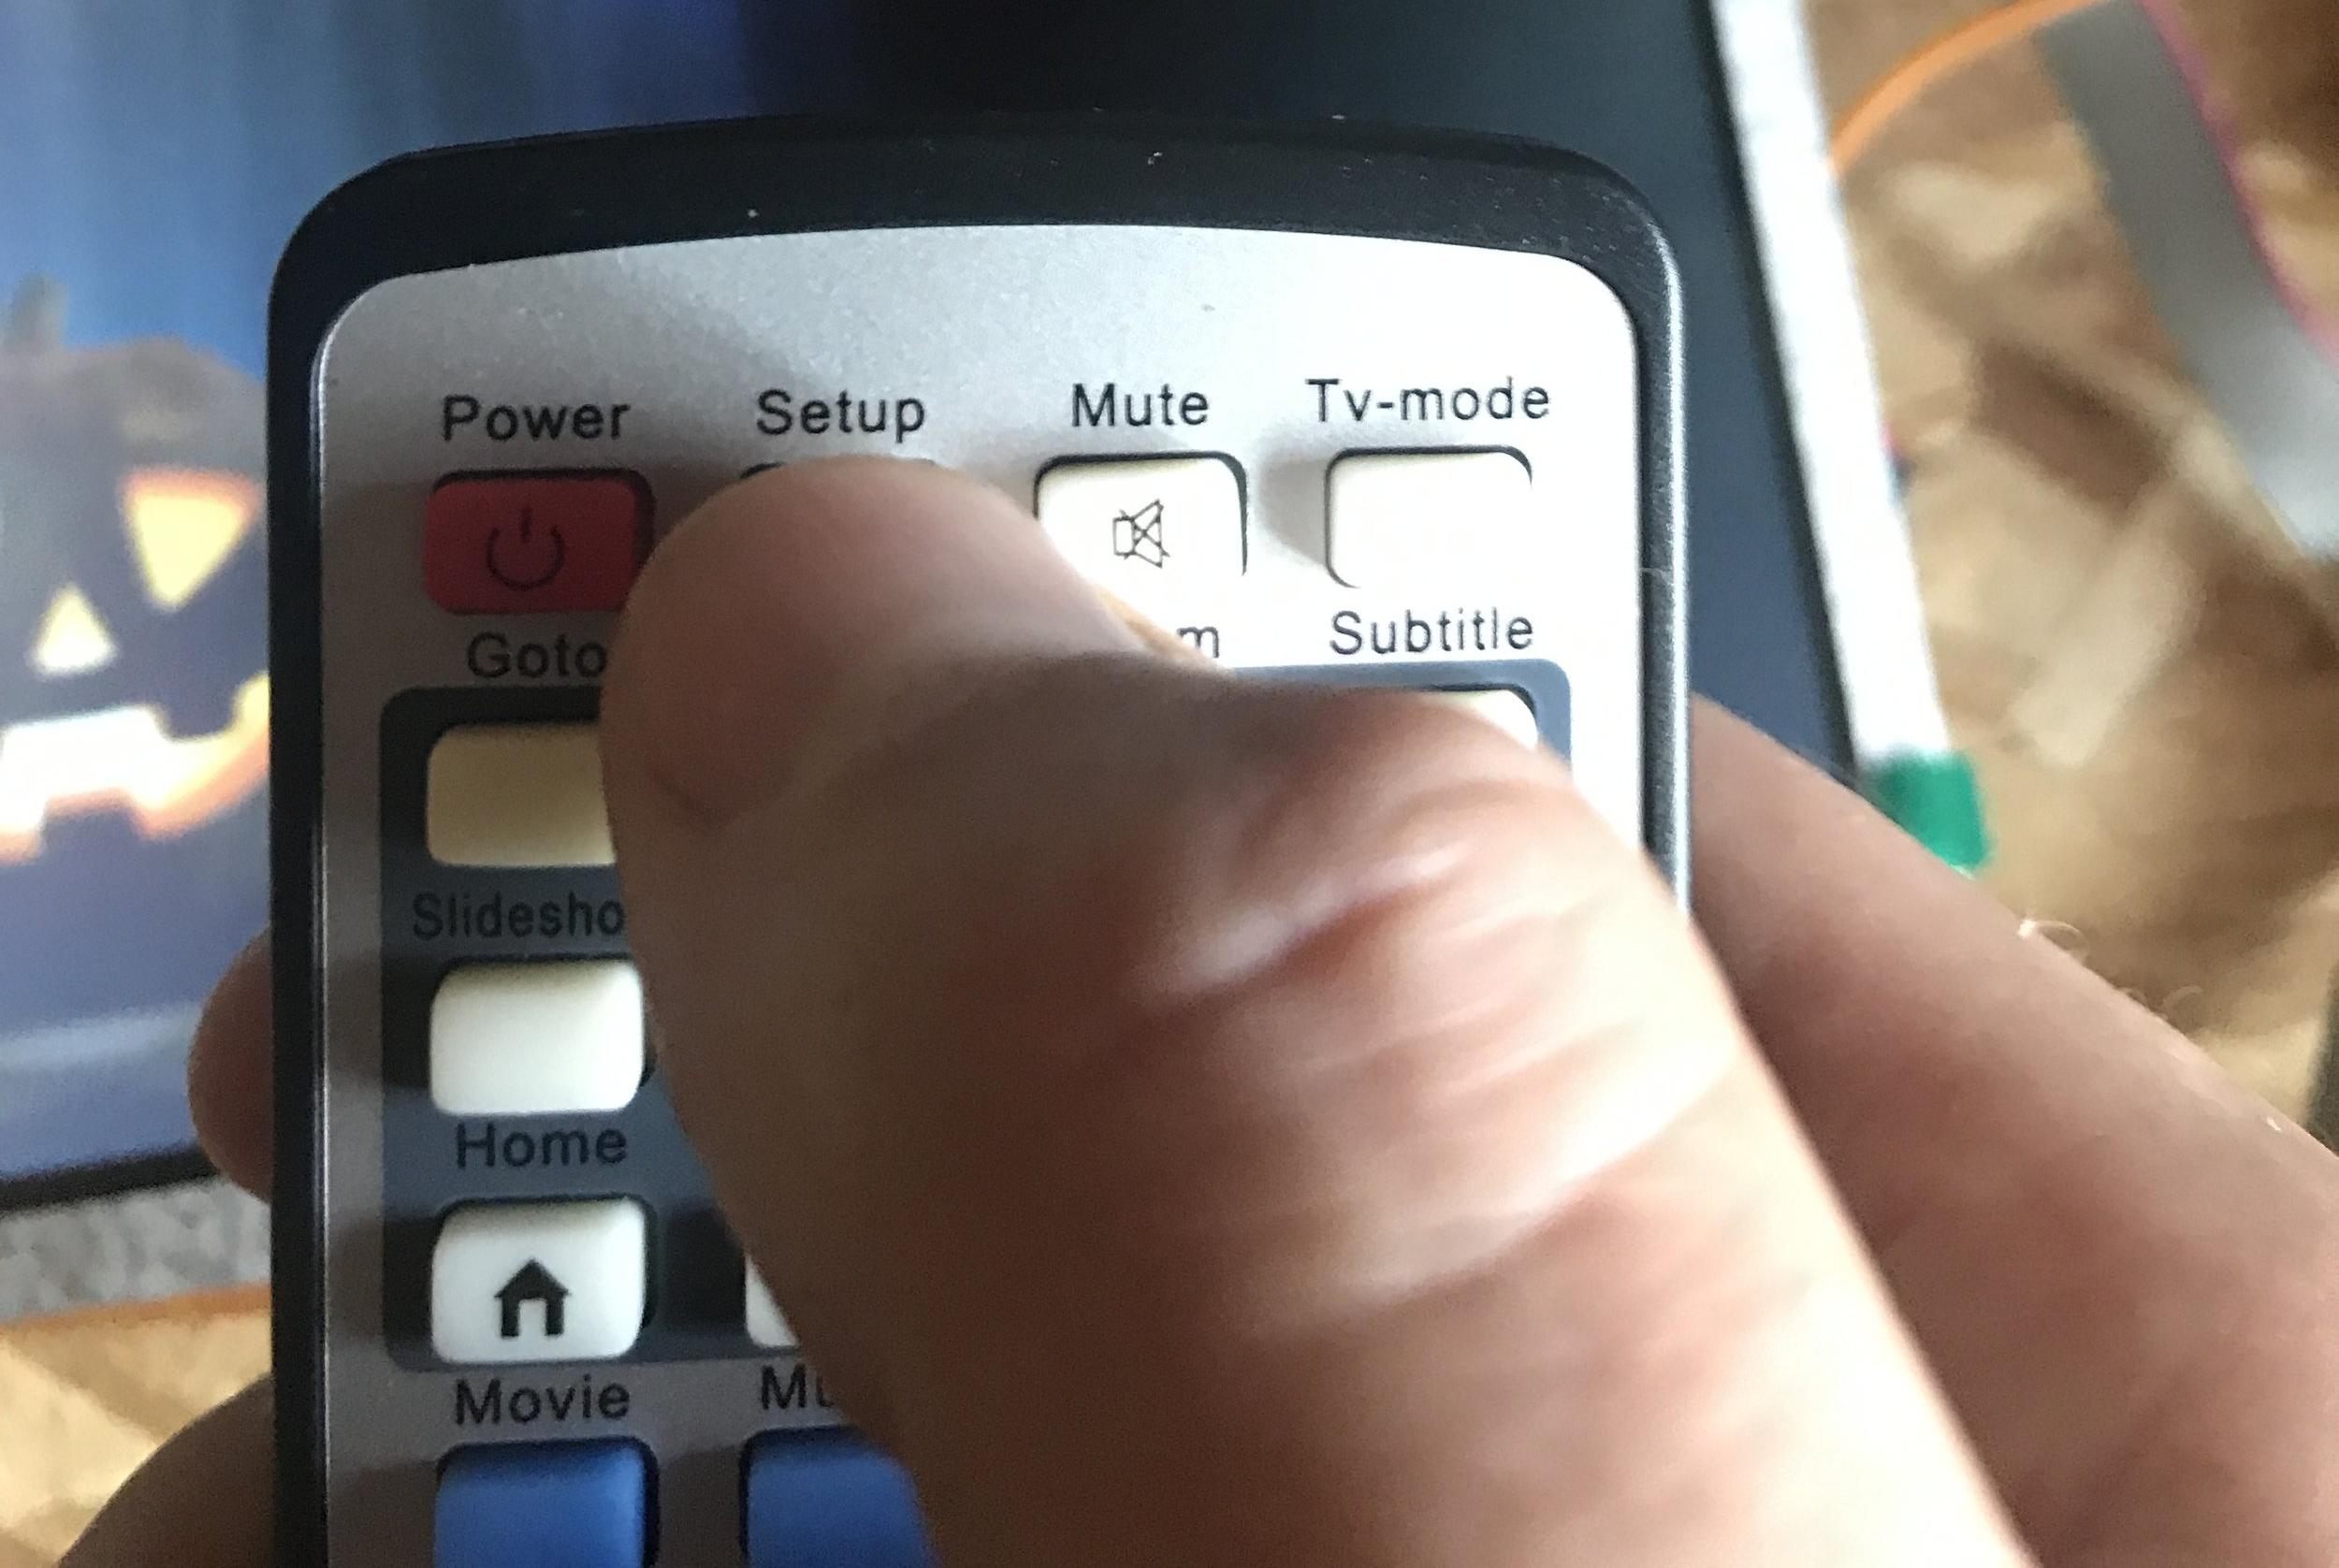 Setup - Hit Setup on your remote